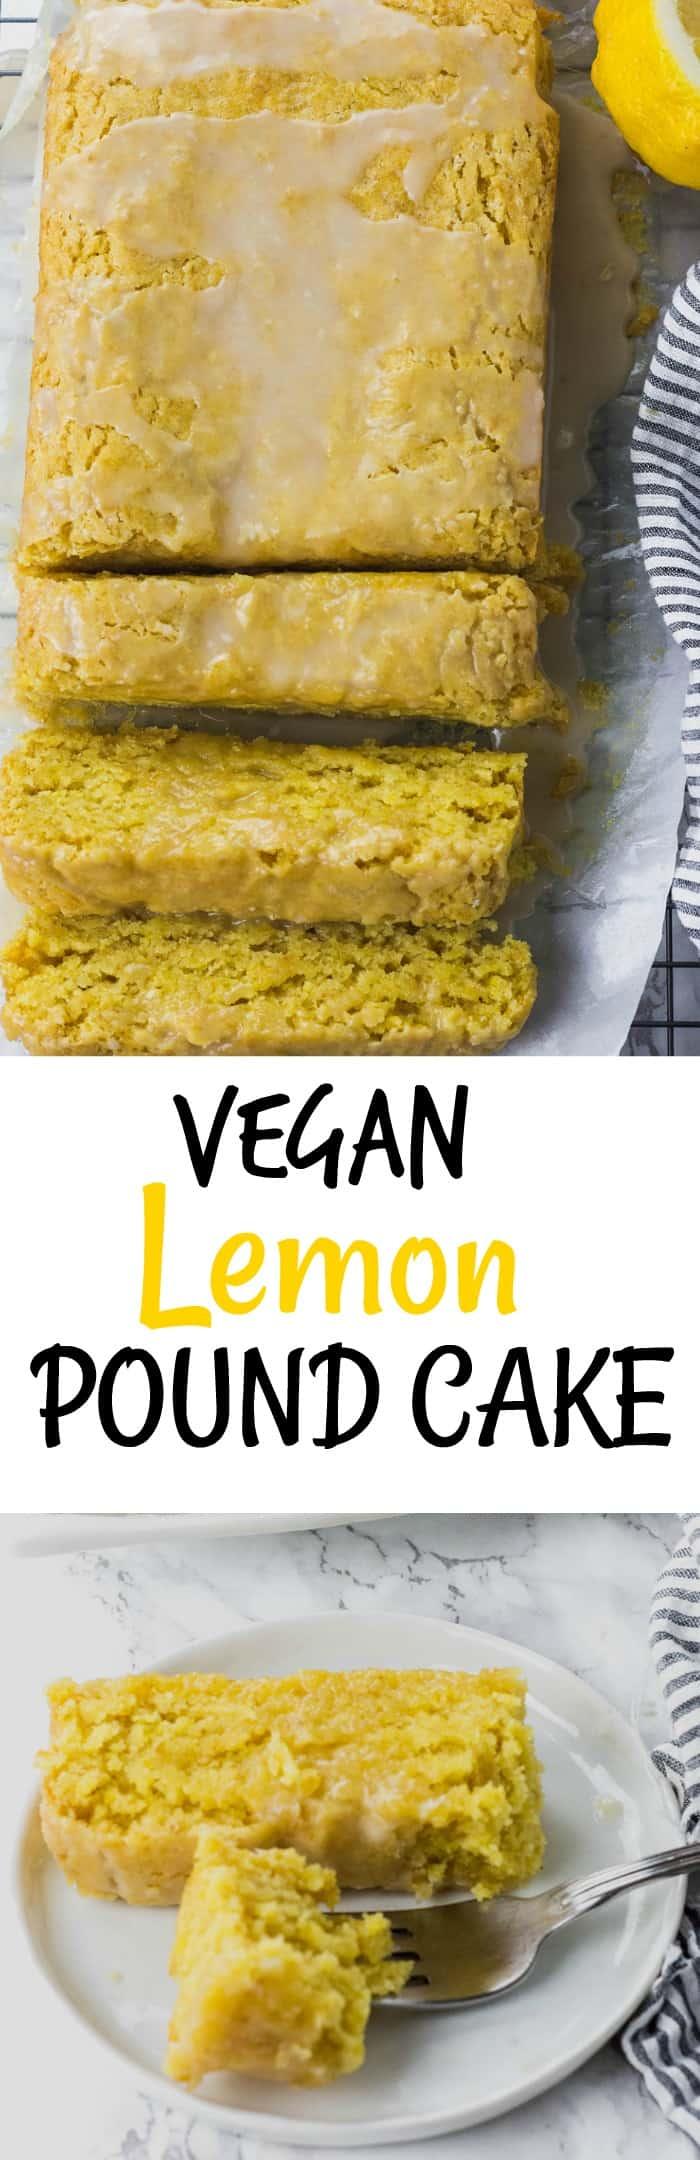 Vegan Lemon Pound Cake Pin